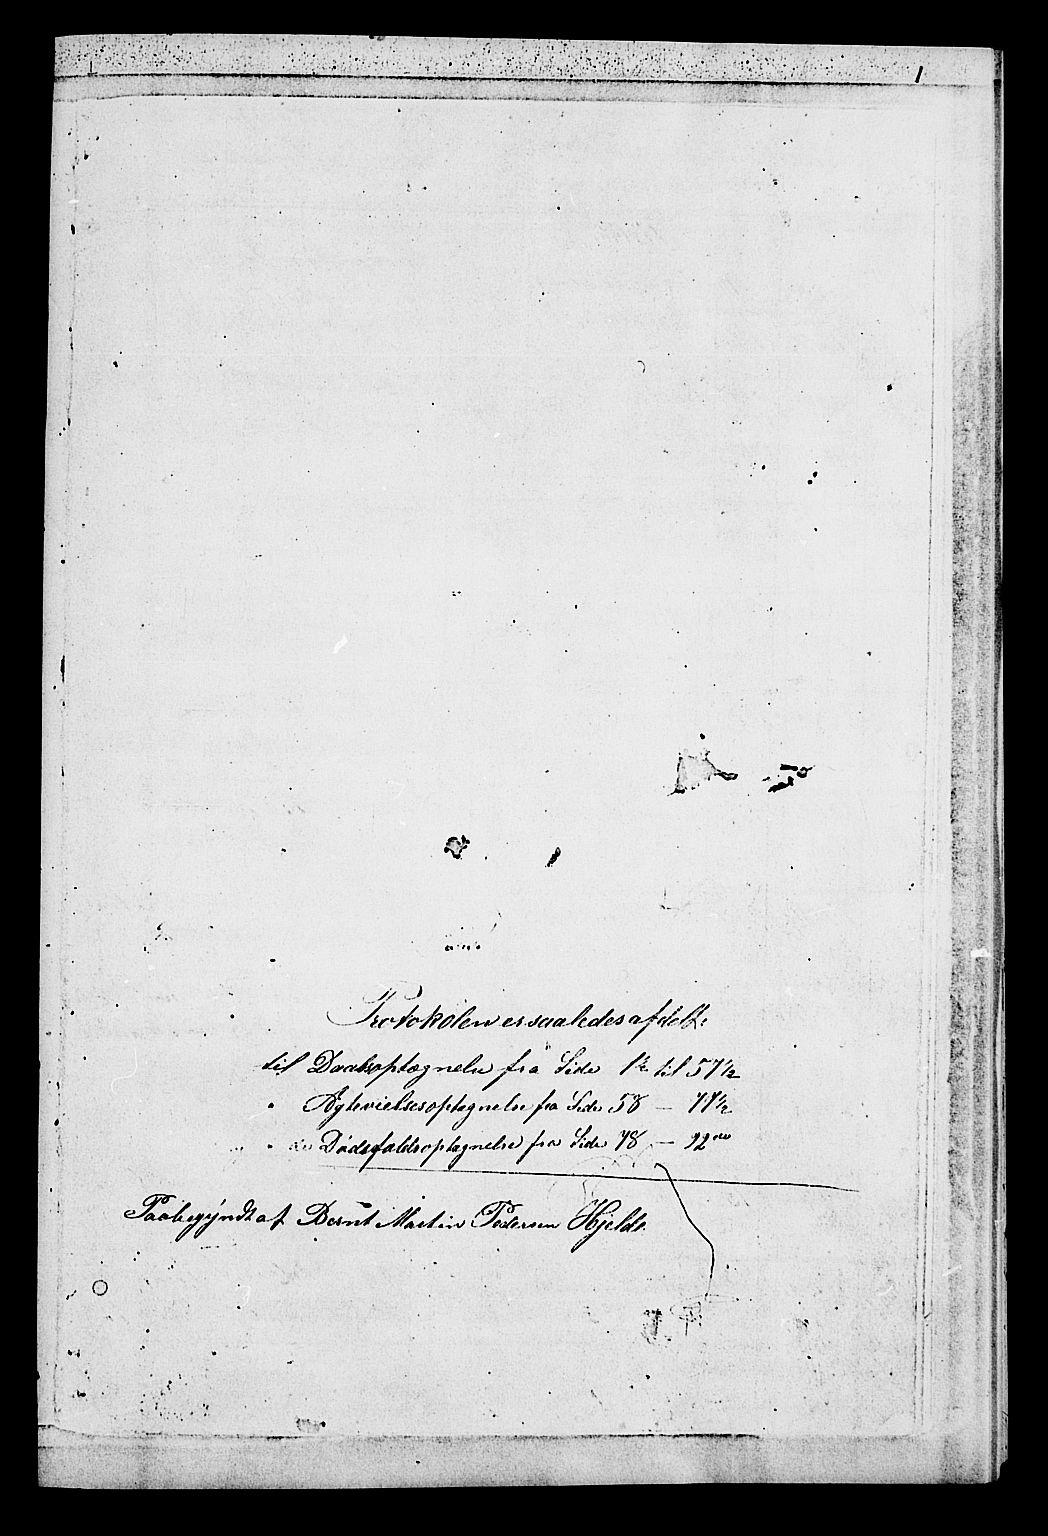 SAT, Ministerialprotokoller, klokkerbøker og fødselsregistre - Sør-Trøndelag, 652/L0653: Klokkerbok nr. 652C01, 1866-1910, s. 1